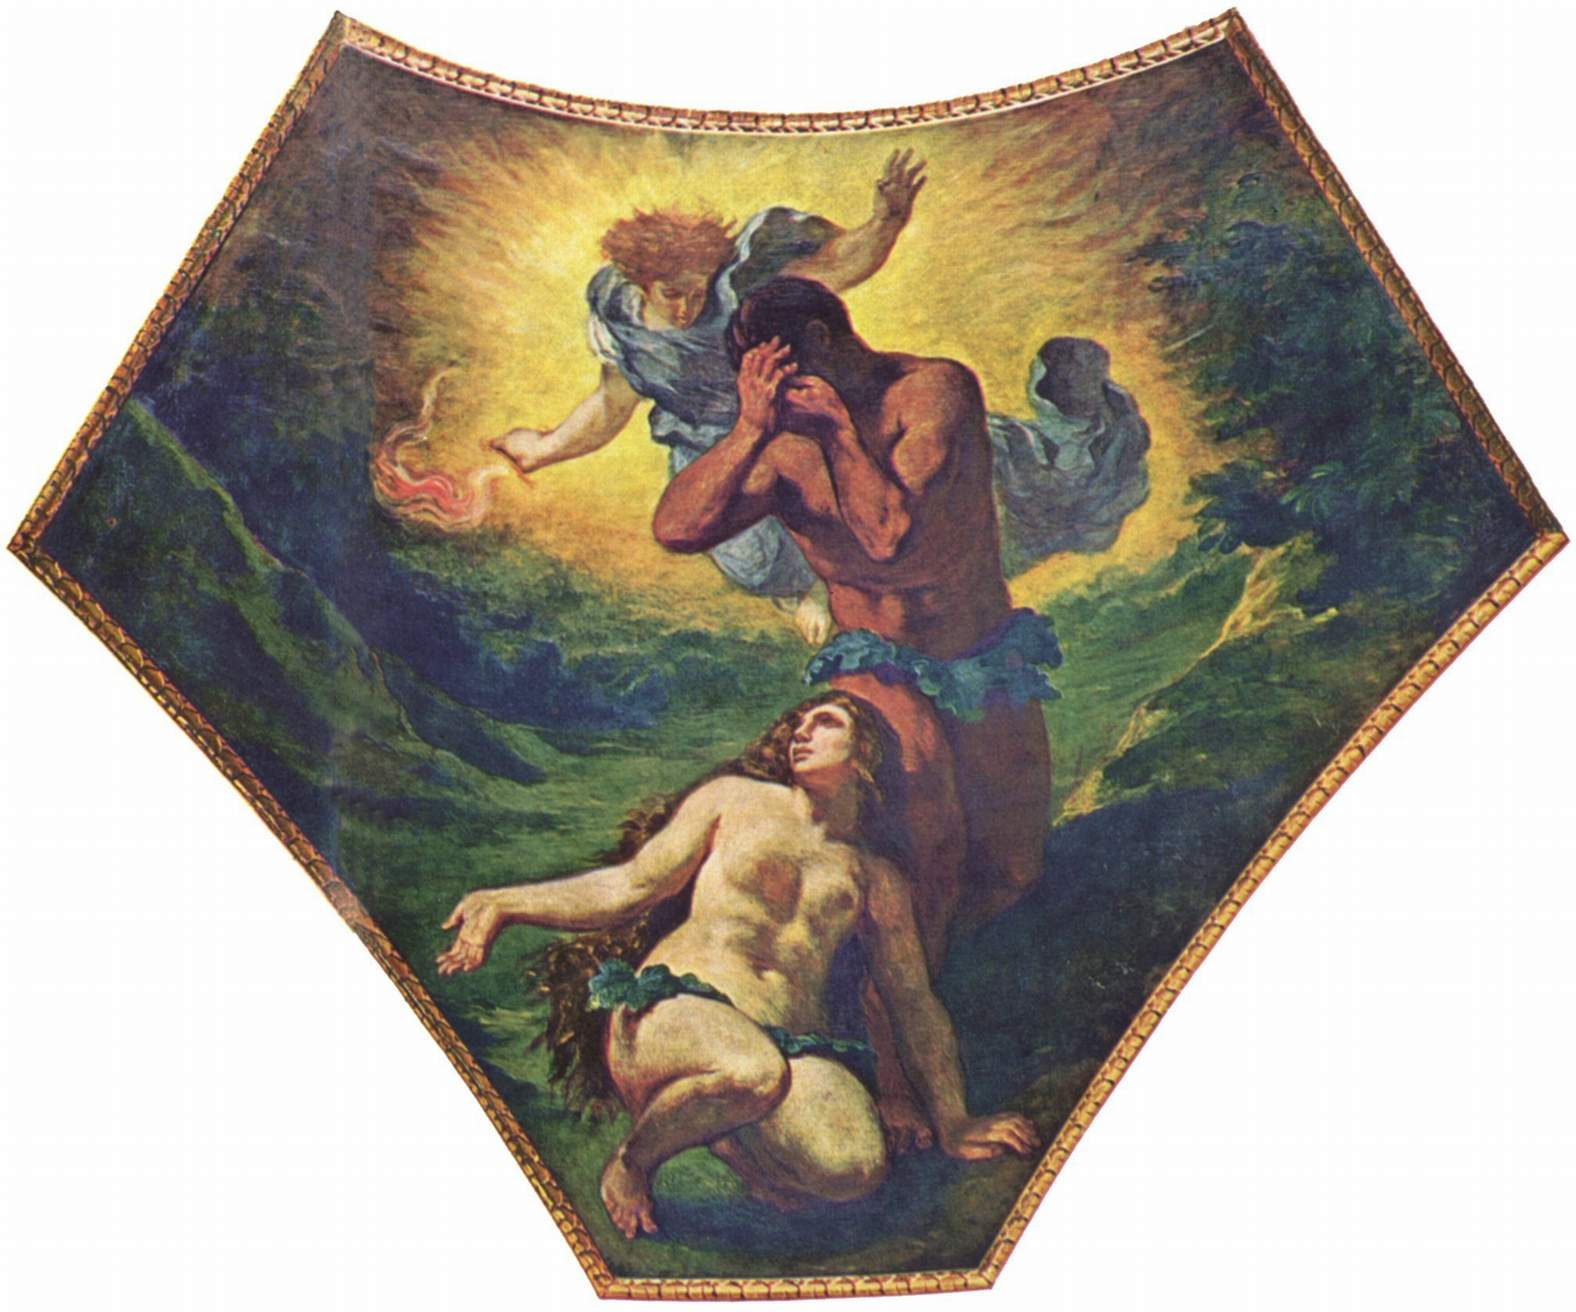 Бурбонский дворец, роспись паруса под куполом Теологии  Адам и Ева, Делакруа Эжен Фердинанд Виктор